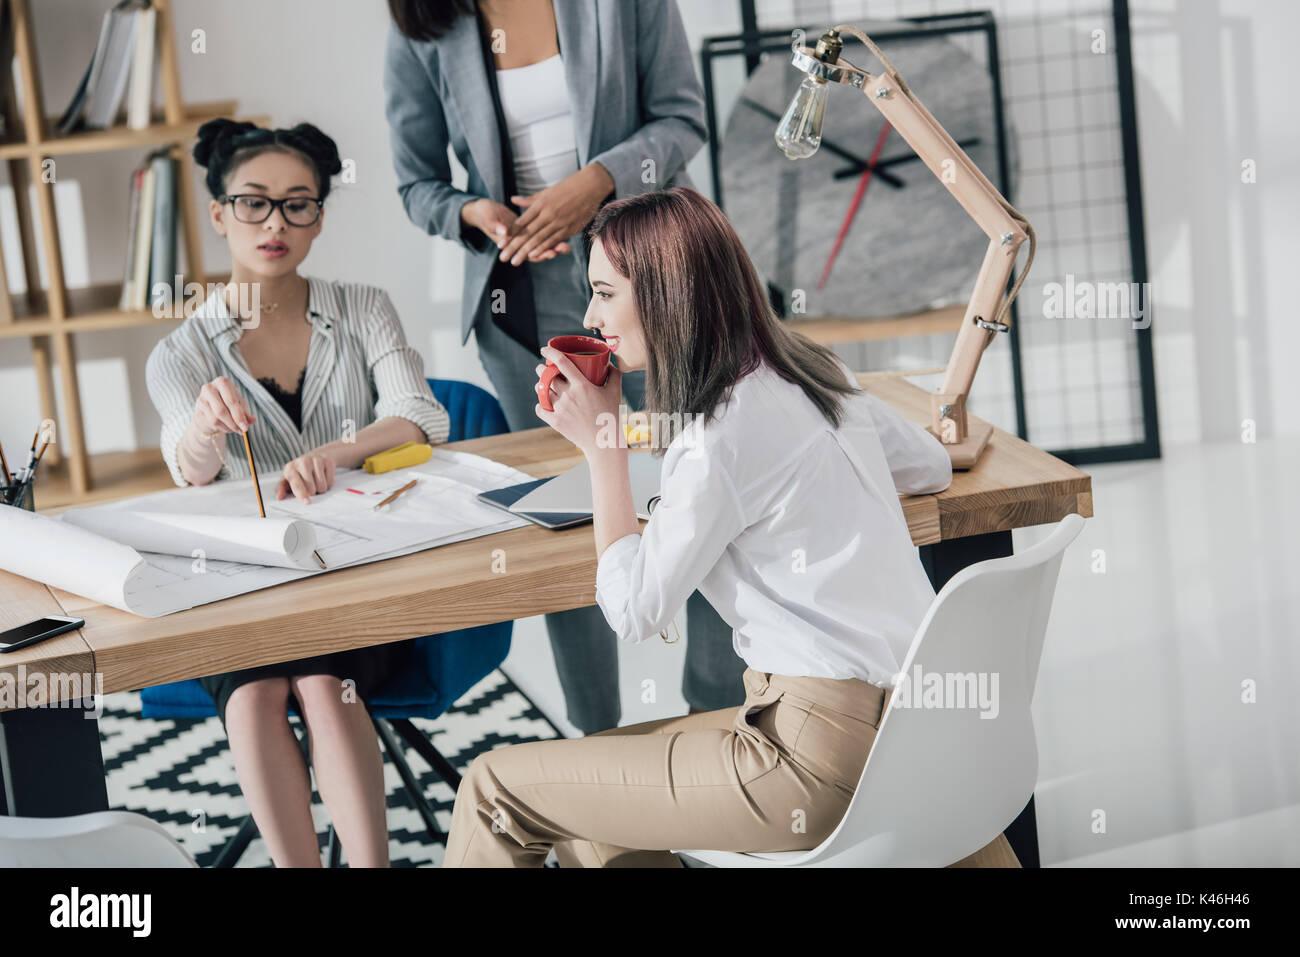 Groupe multiethnique de jeunes architectes professionnels travaillant avec blueprints in modern office Banque D'Images